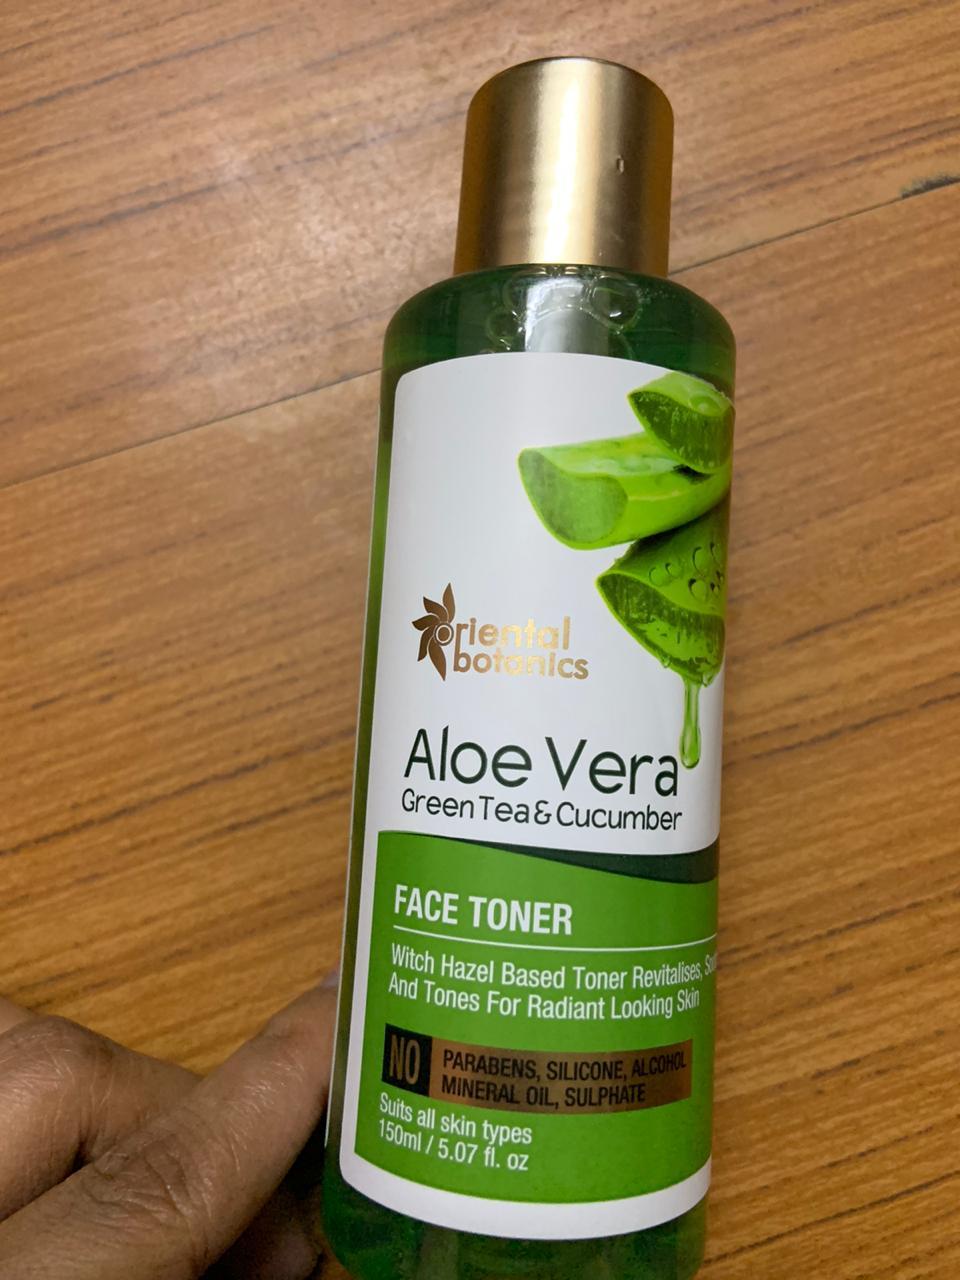 Oriental Botanics Aloe Vera, Green Tea & Cucumber Face Toner -Skin toner with aloveragel, cucumber, green tea-By aumrisha